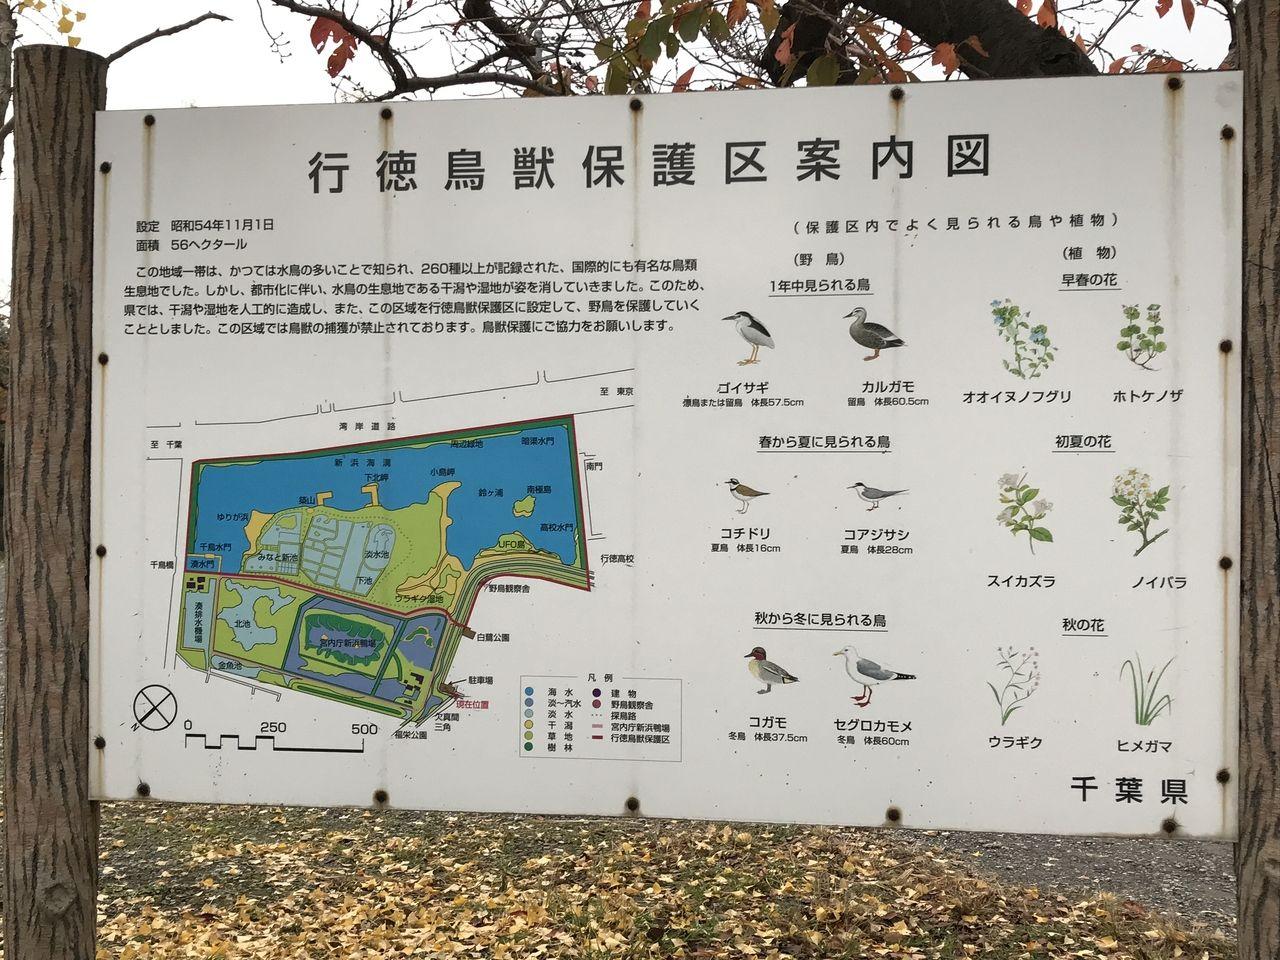 行徳鳥獣保護区案内図